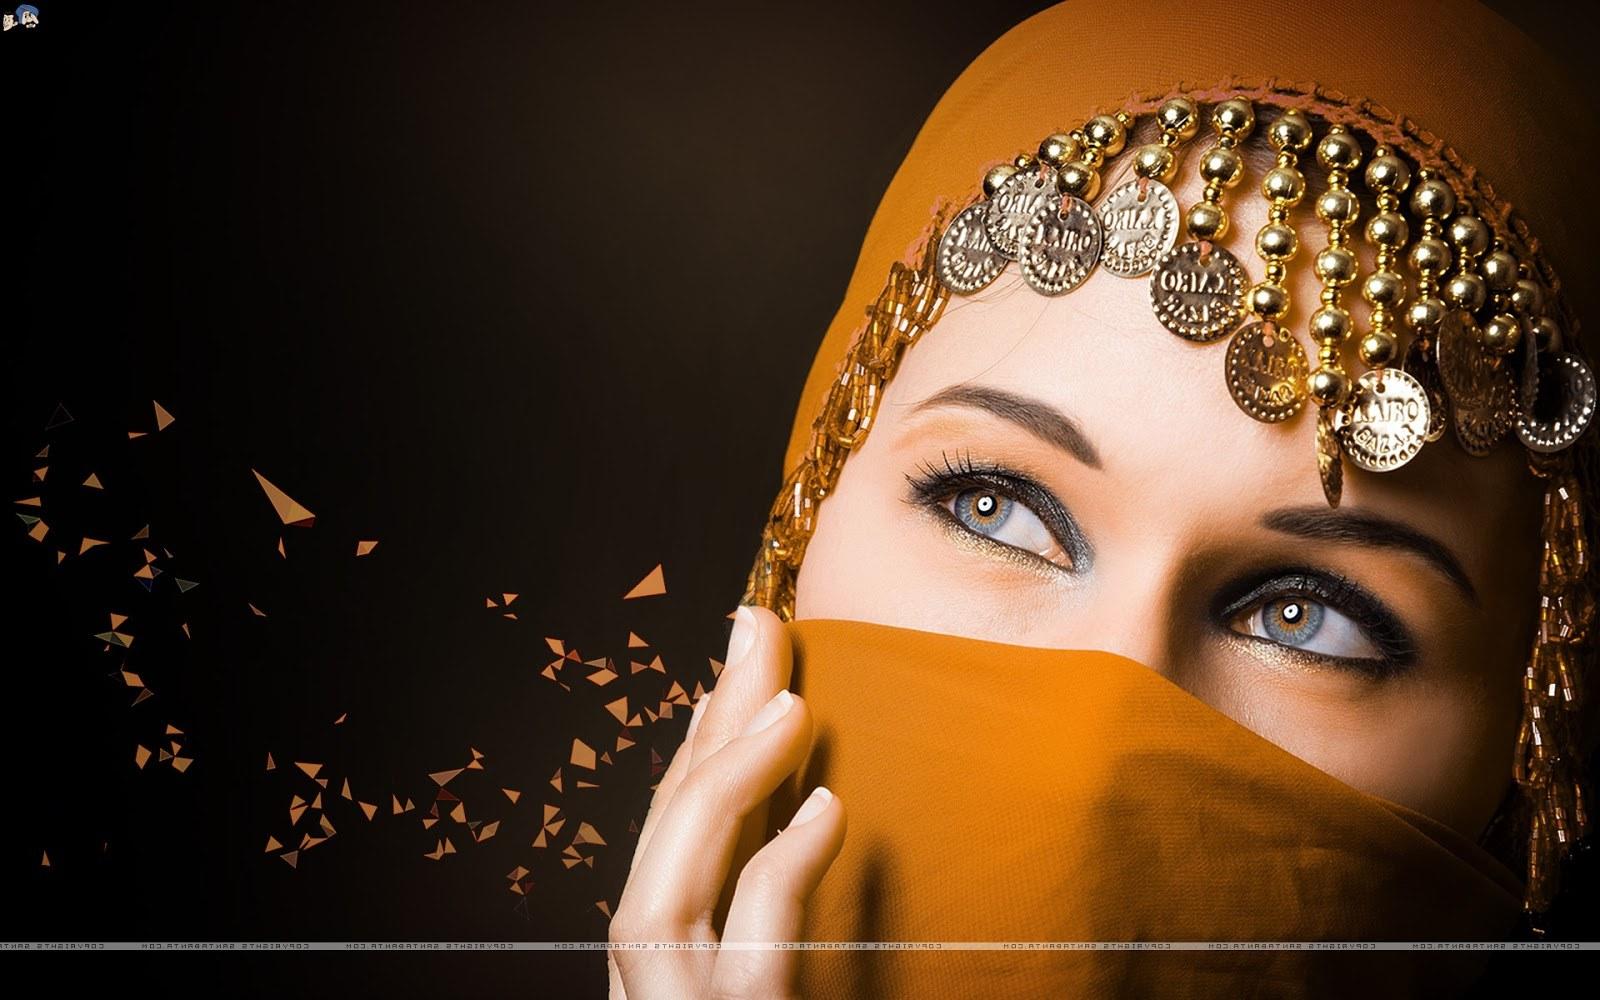 Ide Muslimah Bercadar 3id6 Koleksi Wallpaper Wanita Muslimah Bercadar Fauzi Blog